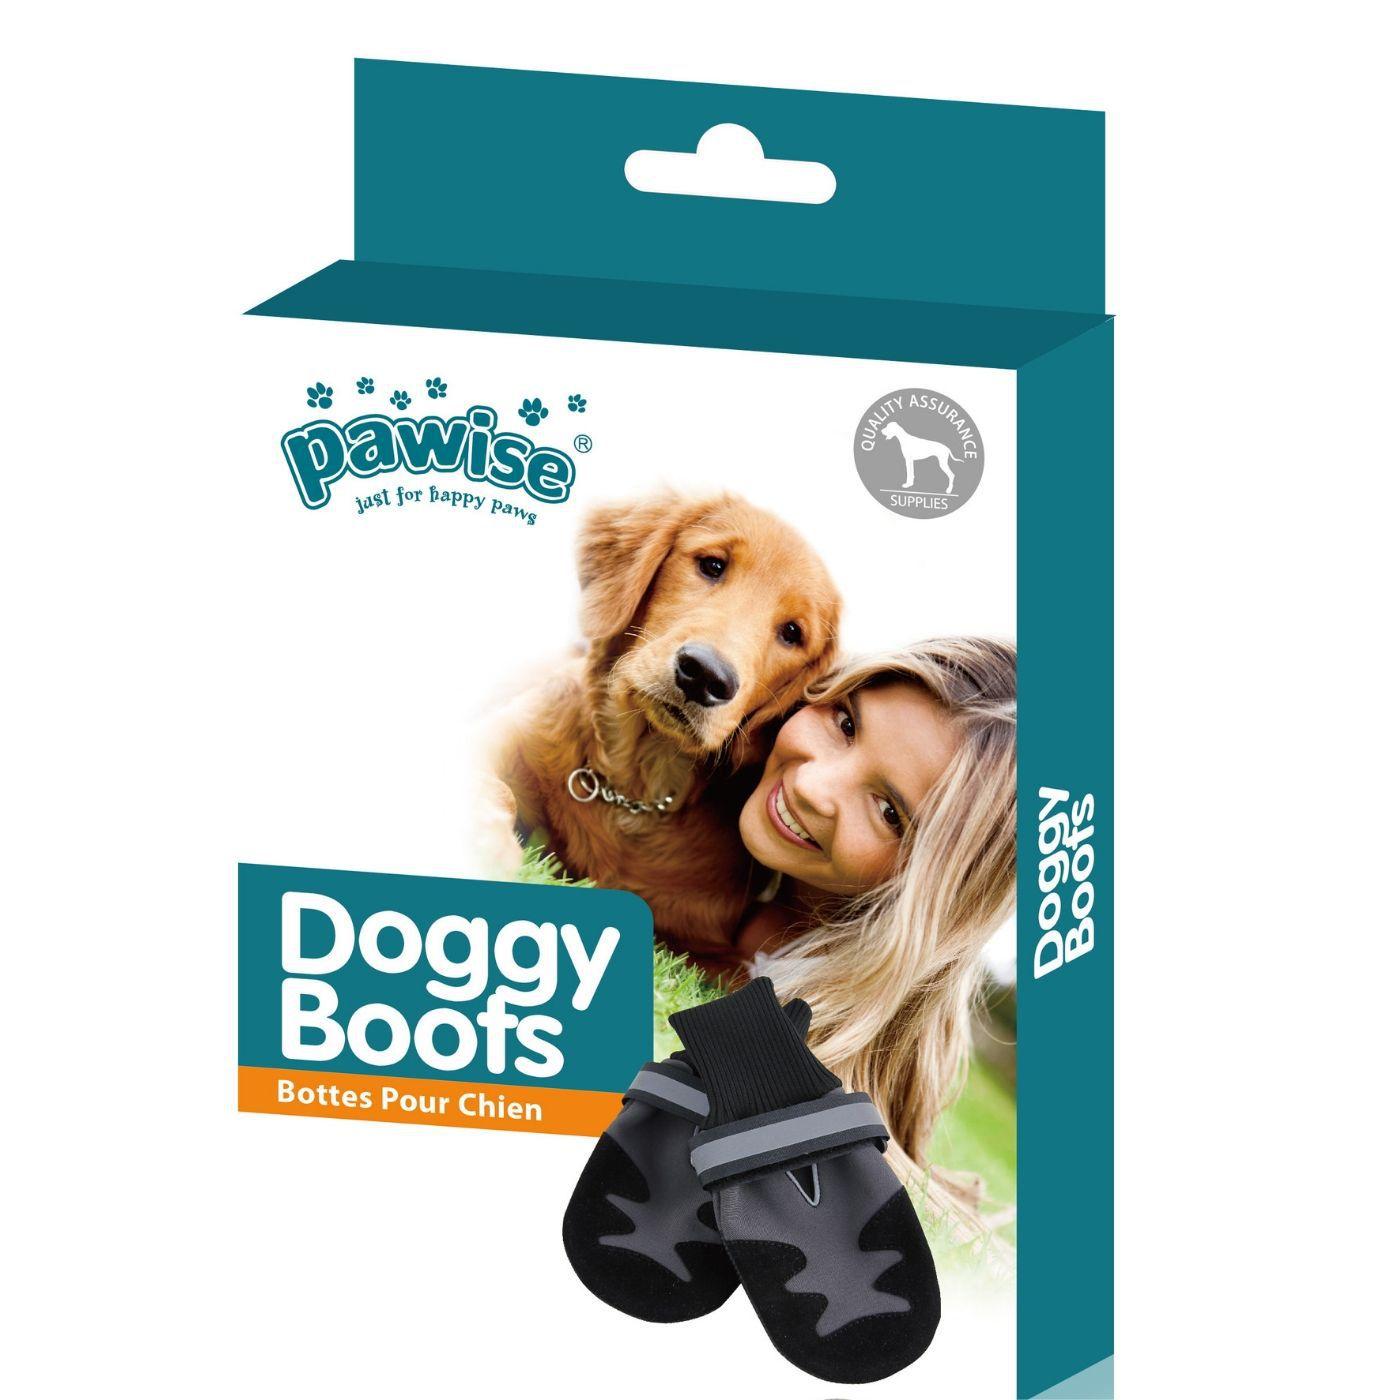 Sapato Ajustável para Cachorro XXXG Pawise Contém 1 par